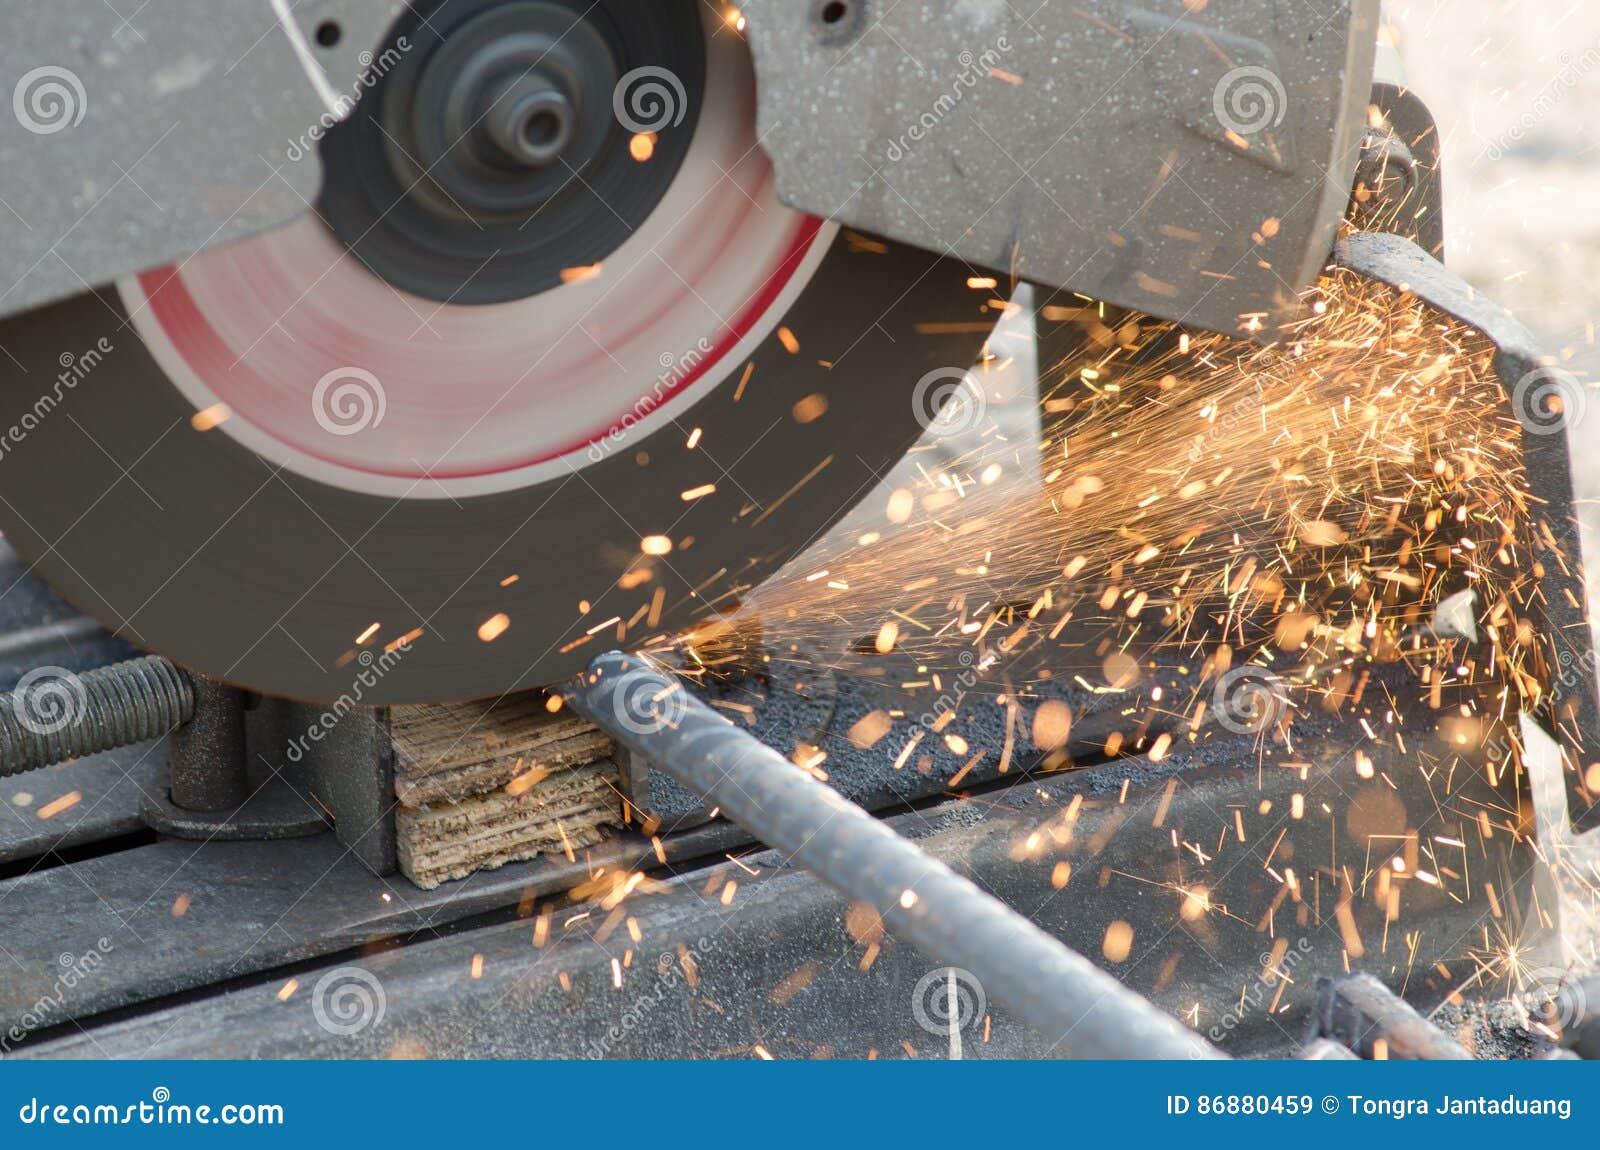 De fotografen gebruiken draadscharen om het ijzer te gebruiken